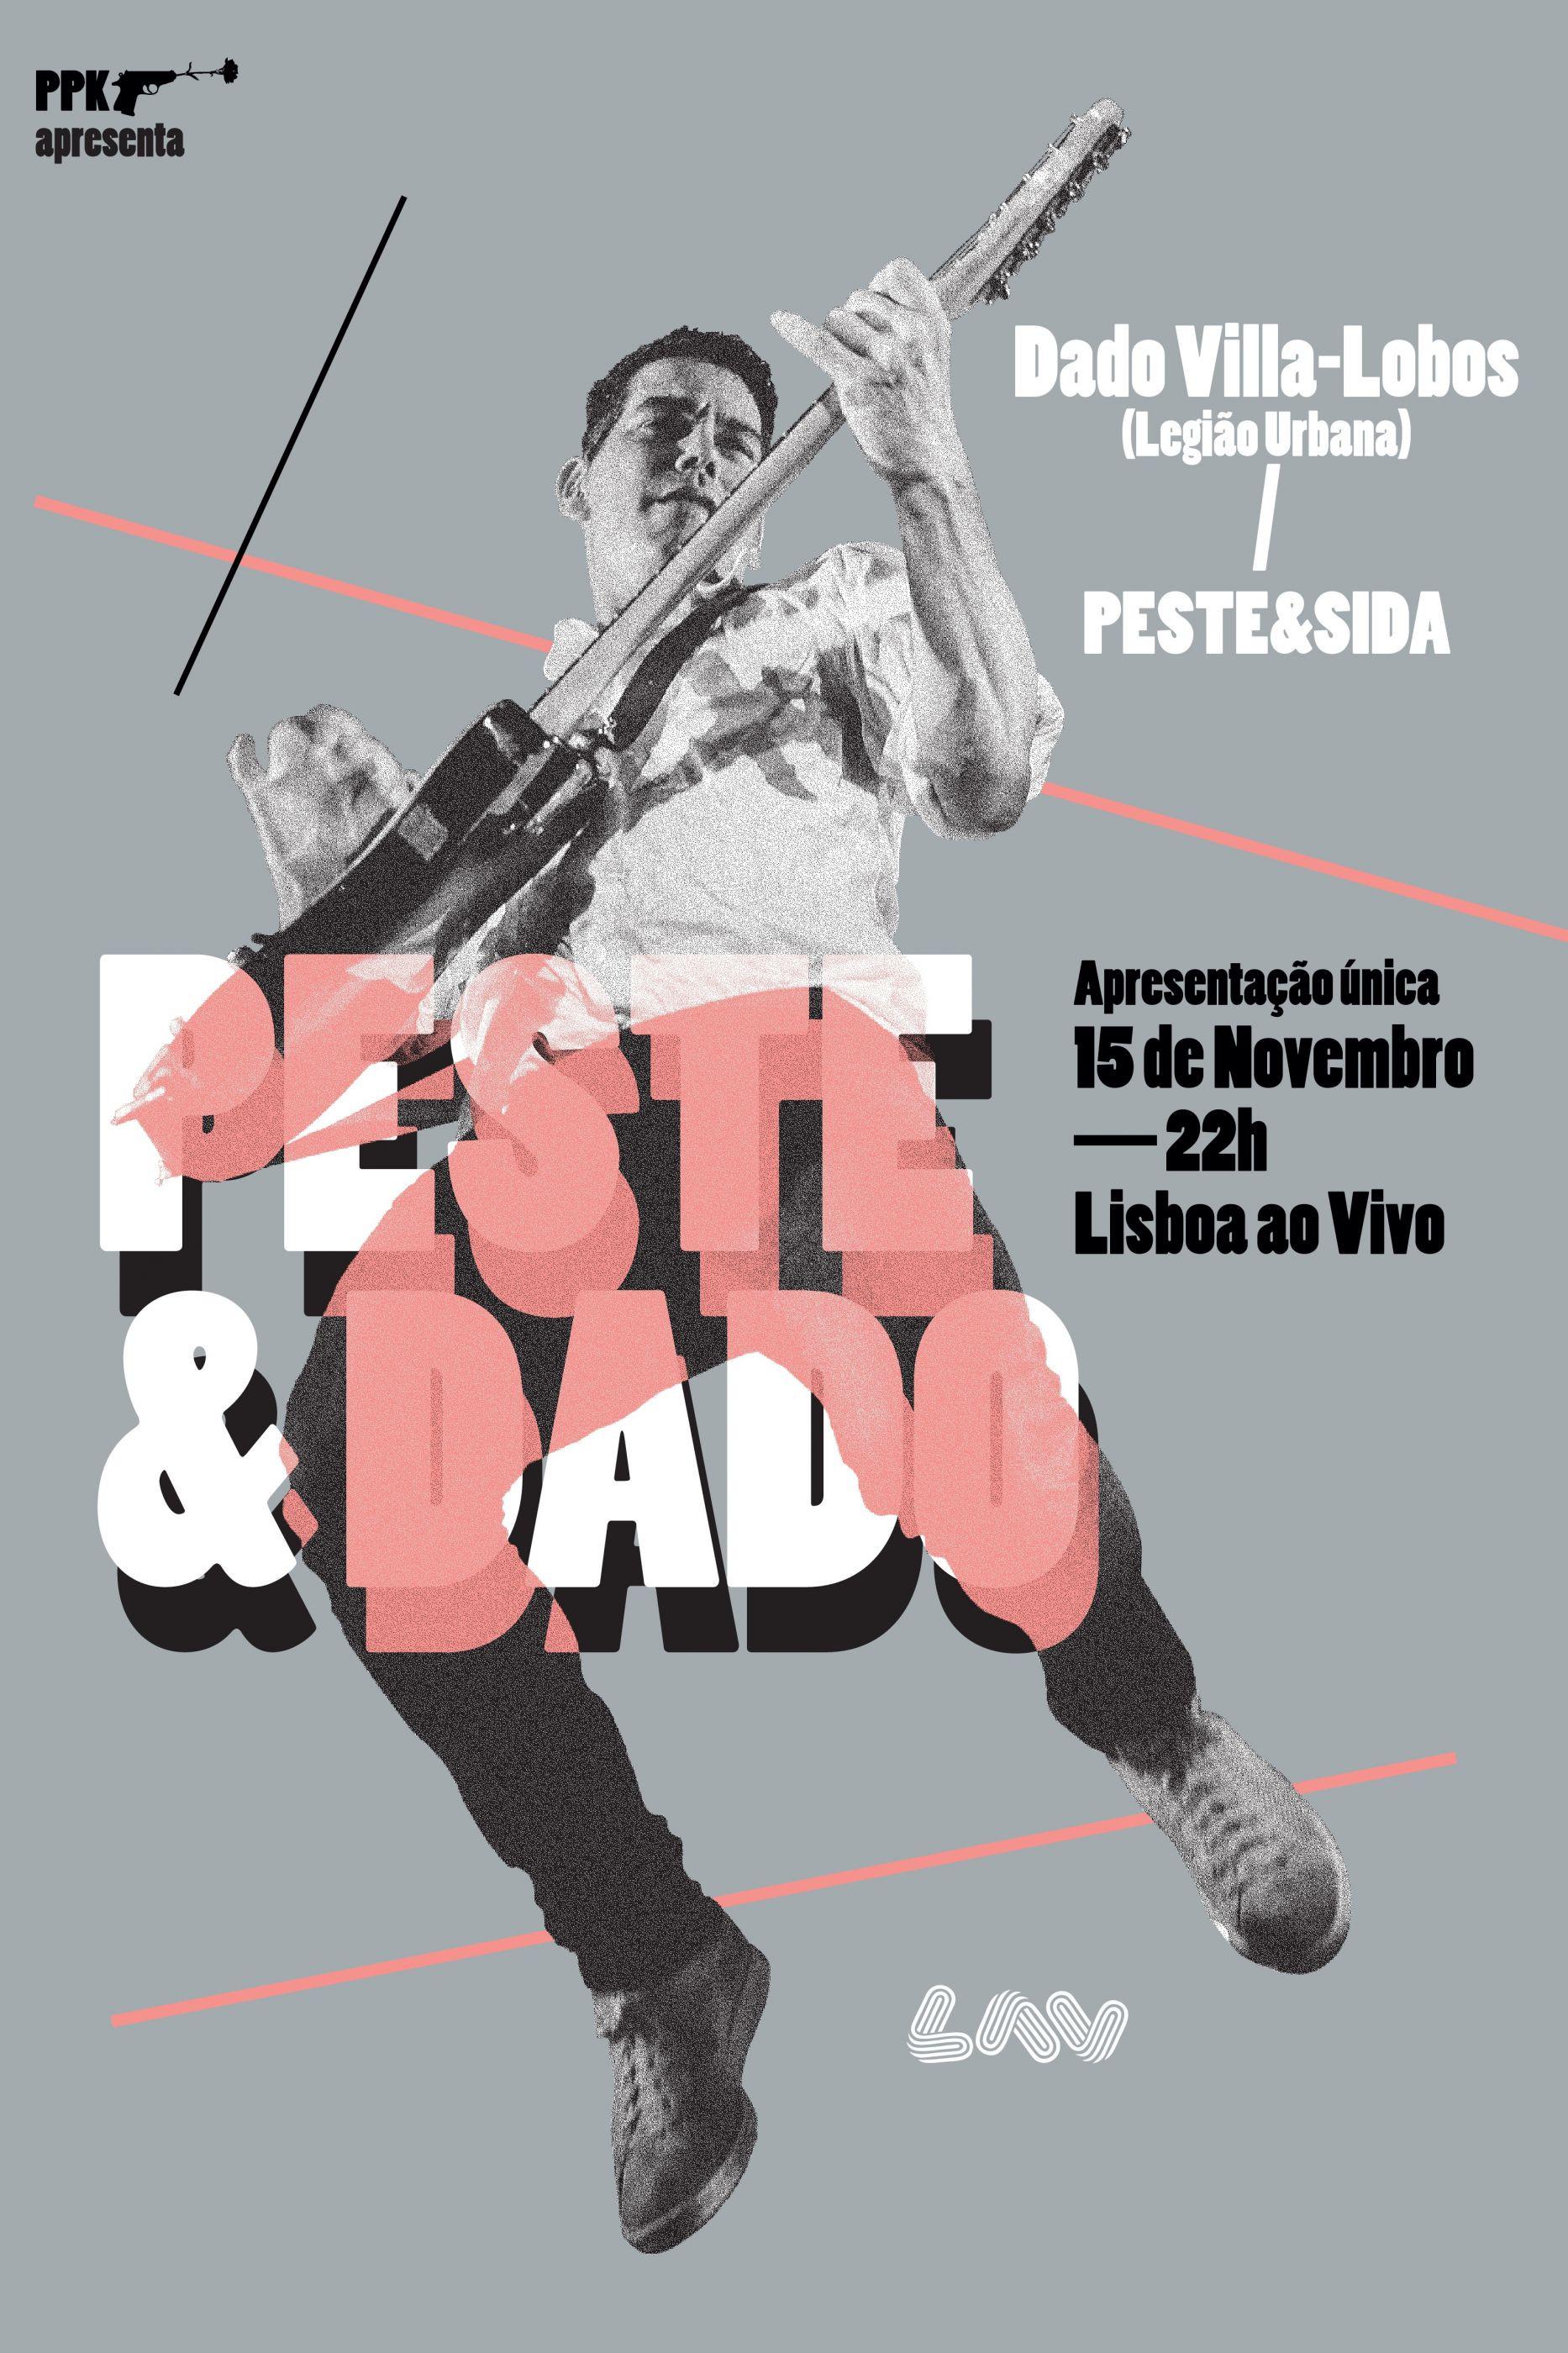 Peste e Dado: O rock em português a juntar dois lados do Atlântico